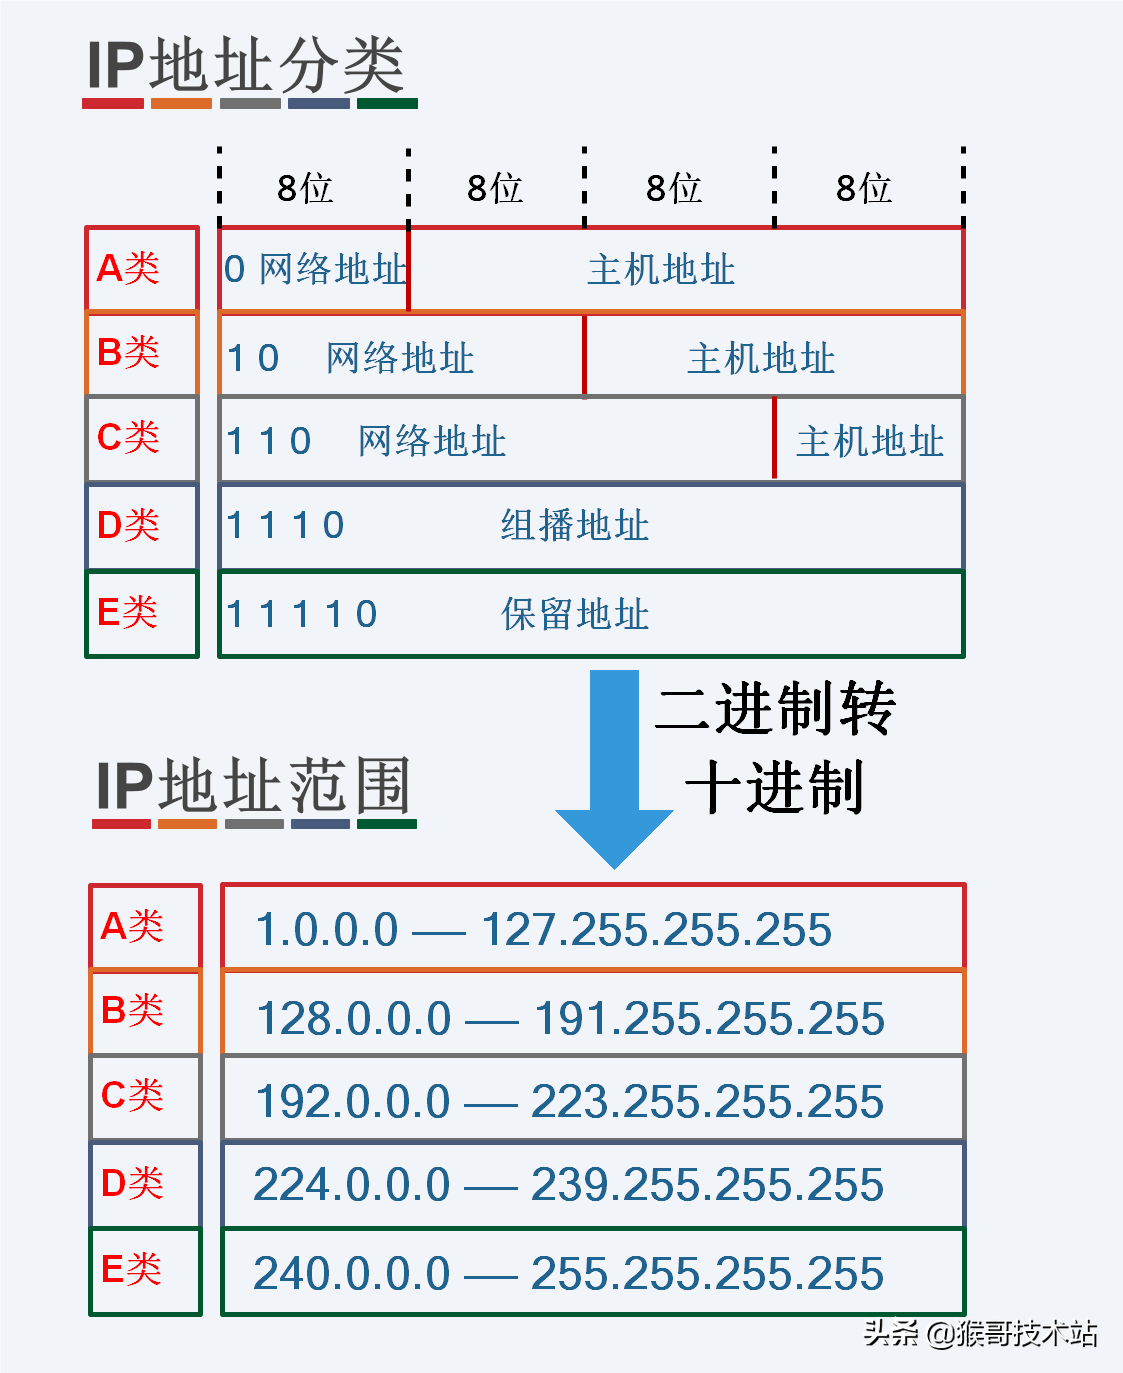 一文看懂IP地址:含义、分类、子网划分、查与改、路由器与IP地址